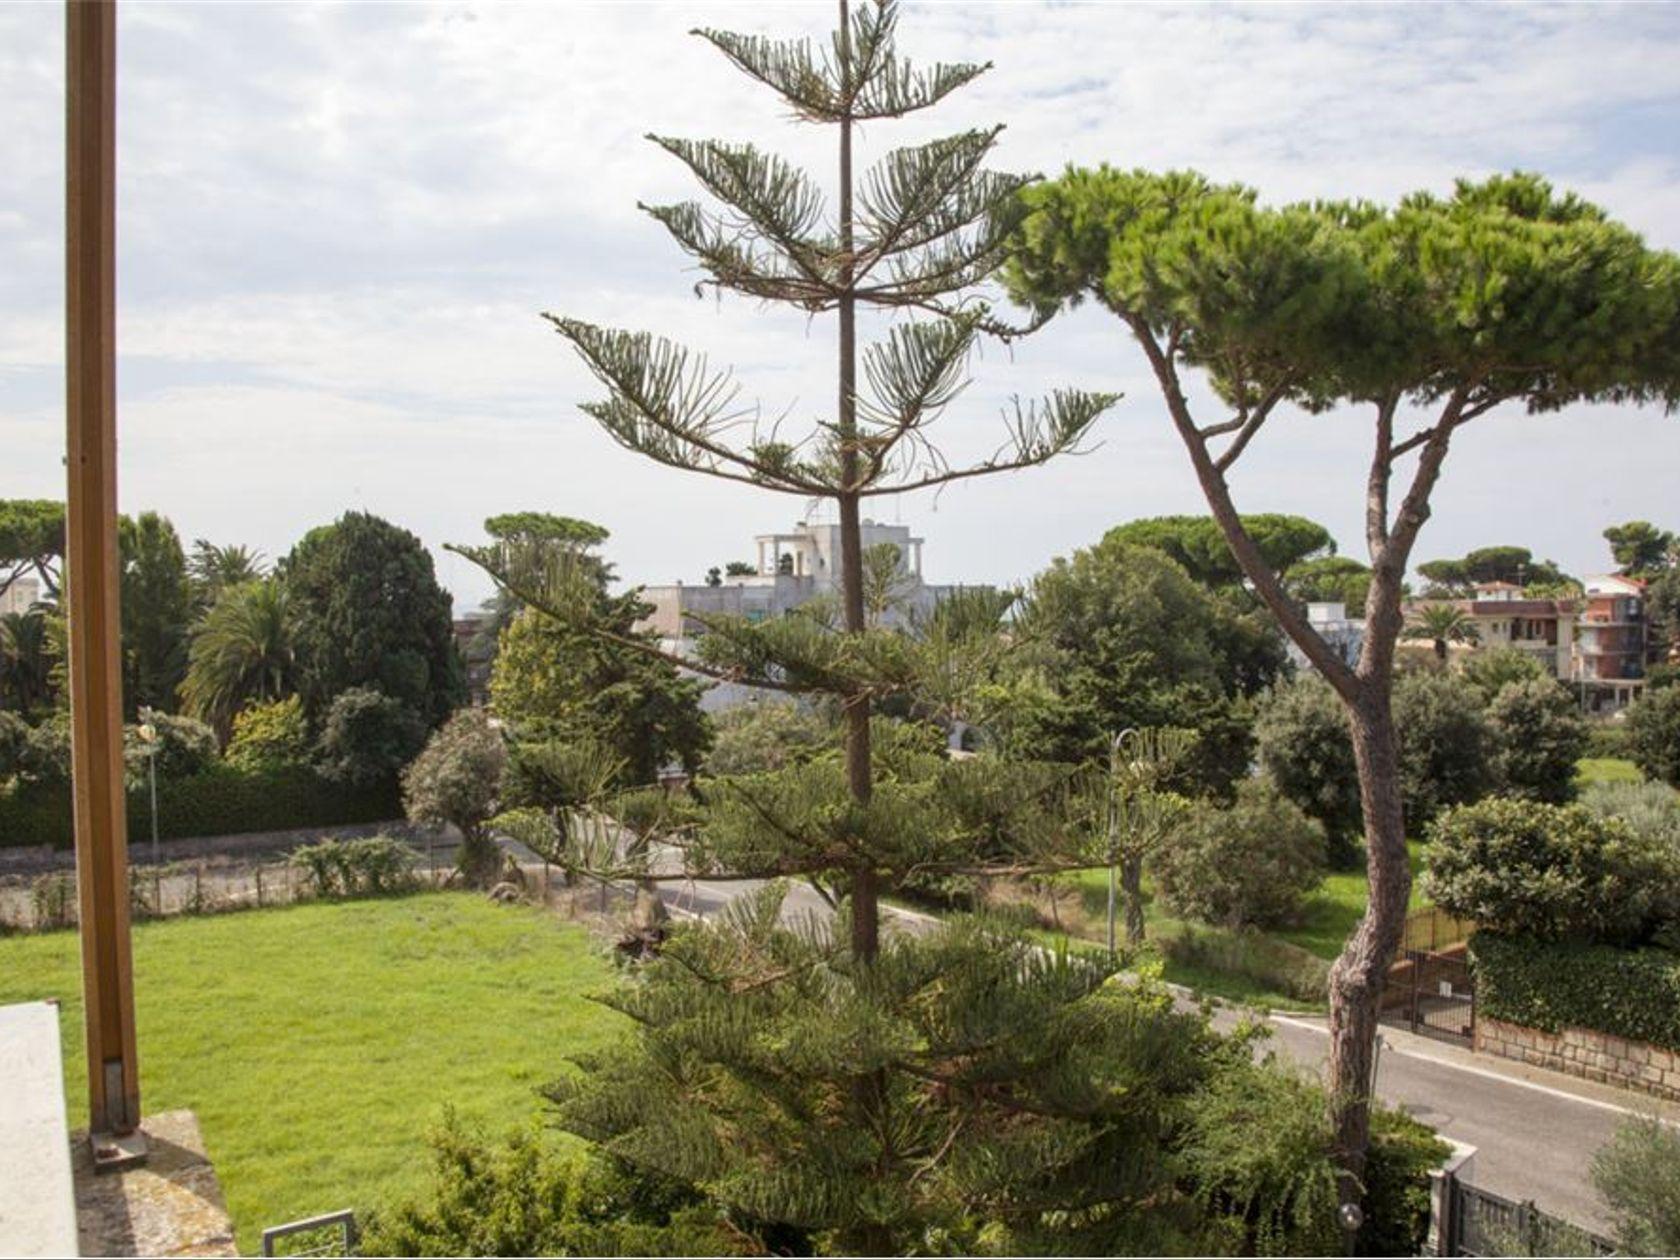 Attico/Mansarda Anzio-santa Teresa, Anzio, RM Vendita - Foto 12